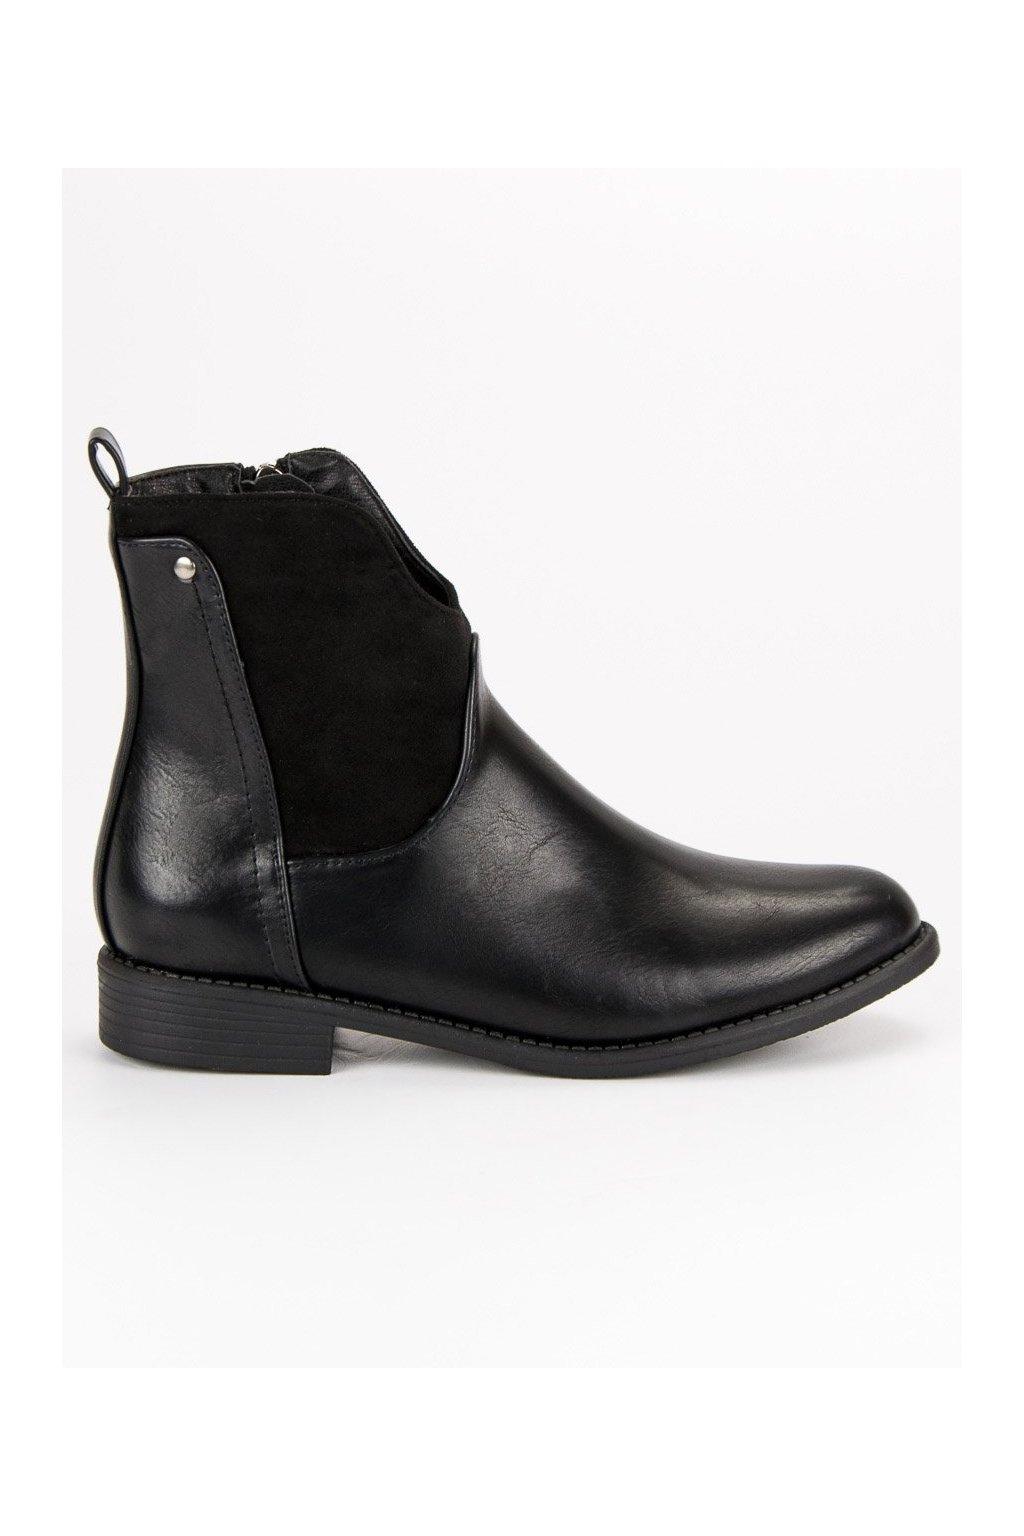 Dámske topánky na jeseň čierne Filippo DBT302/18B